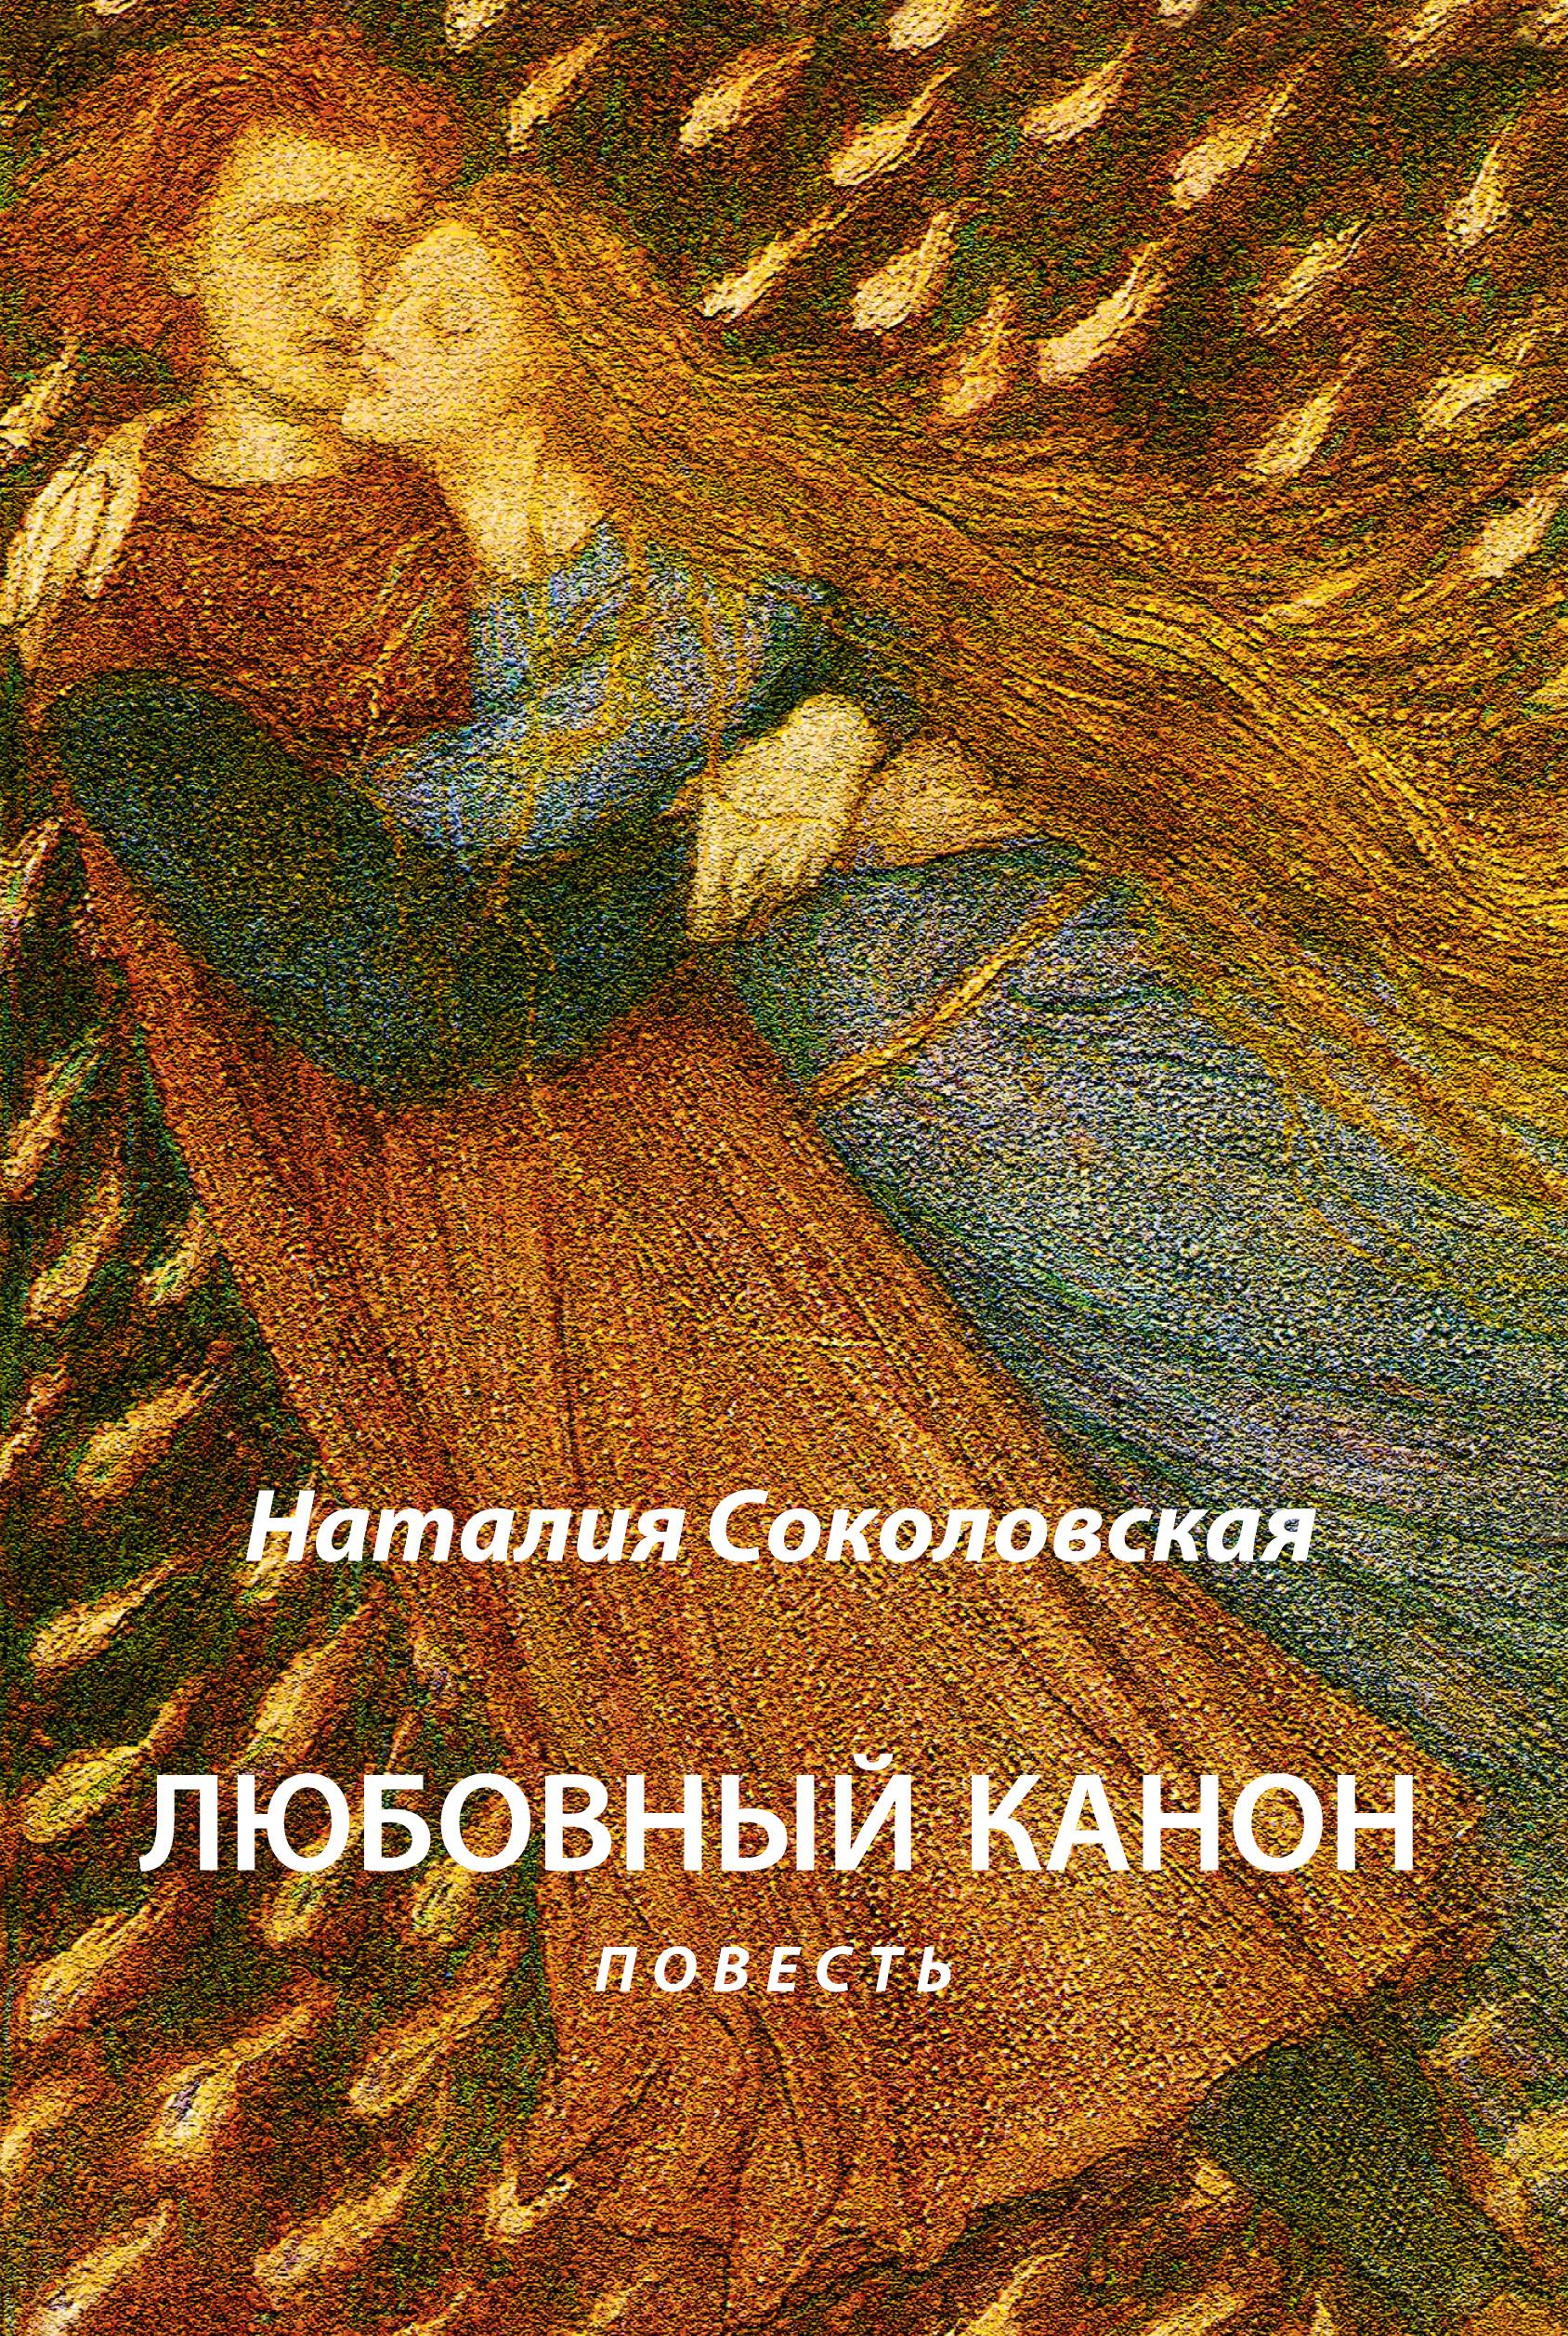 Фото - Наталия Соколовская Любовный канон архиwood каталог премии 2011